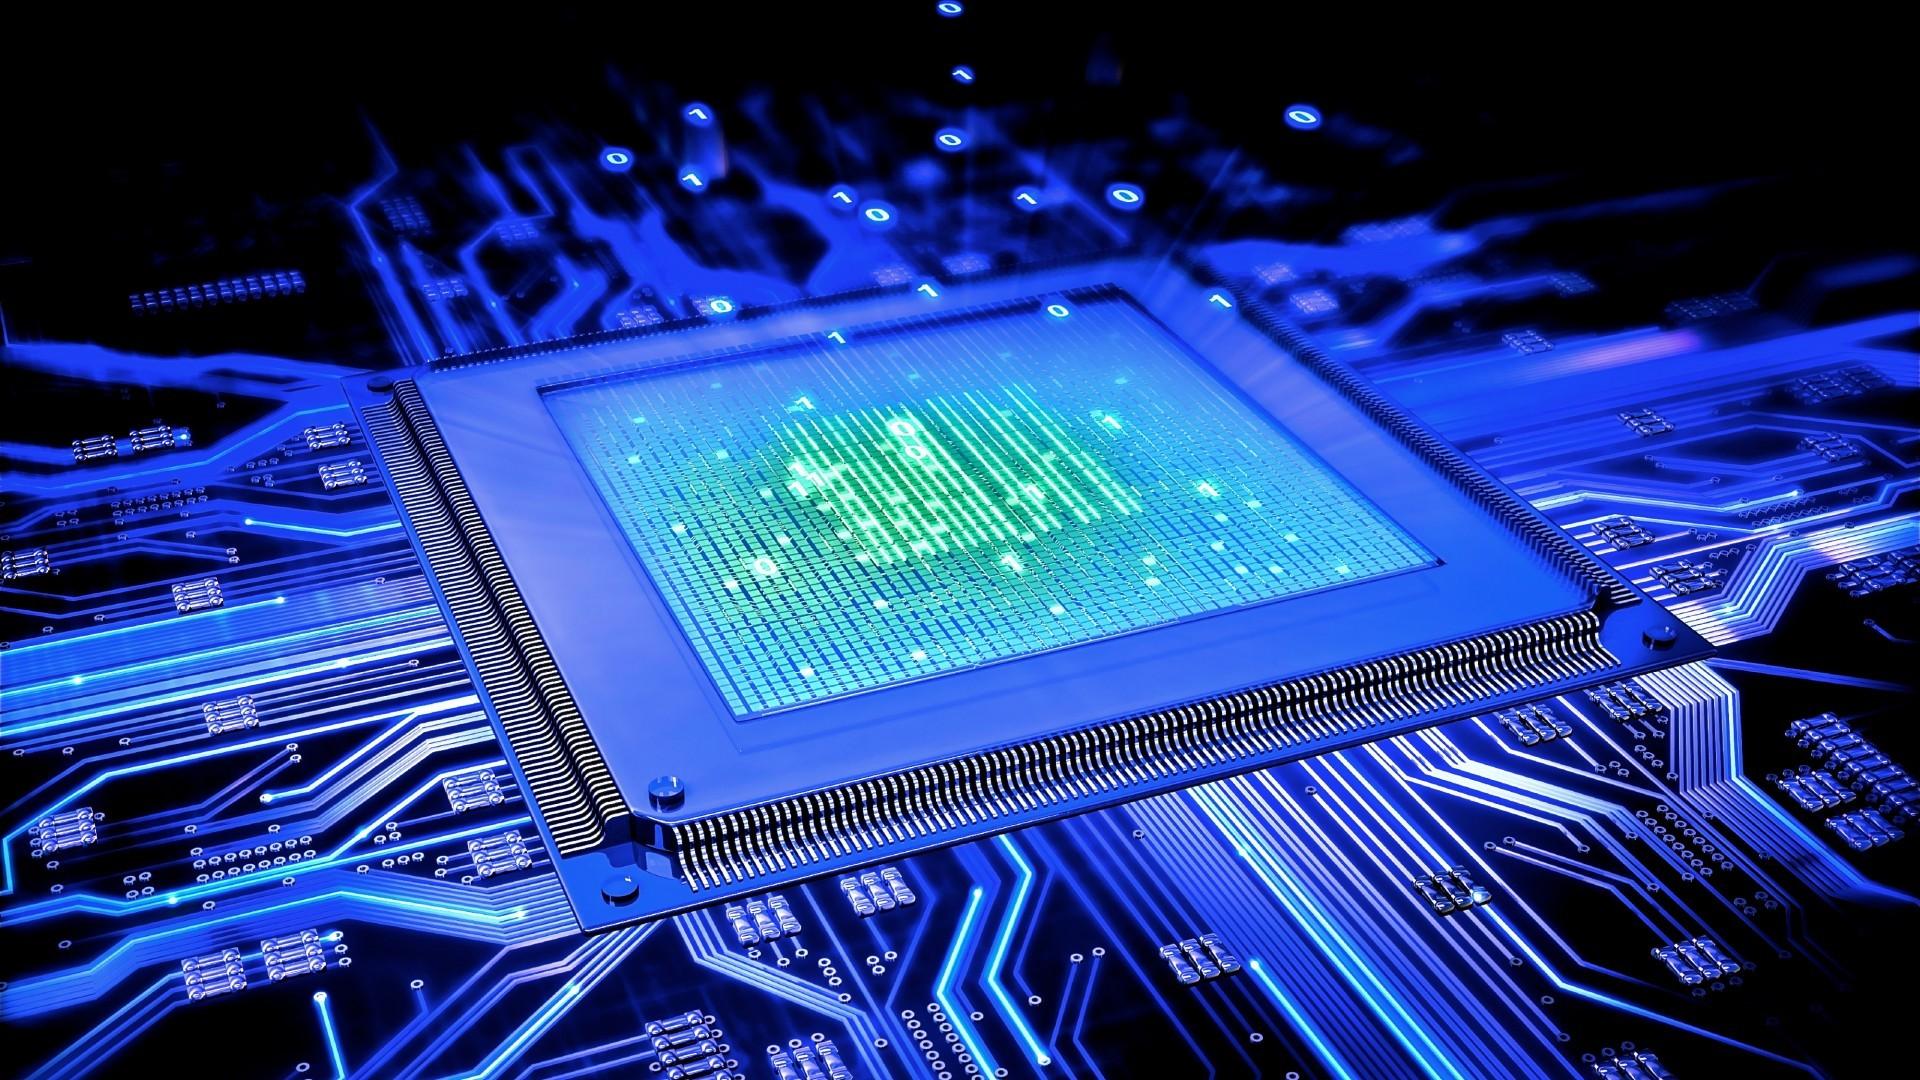 fond d écran hd informatique